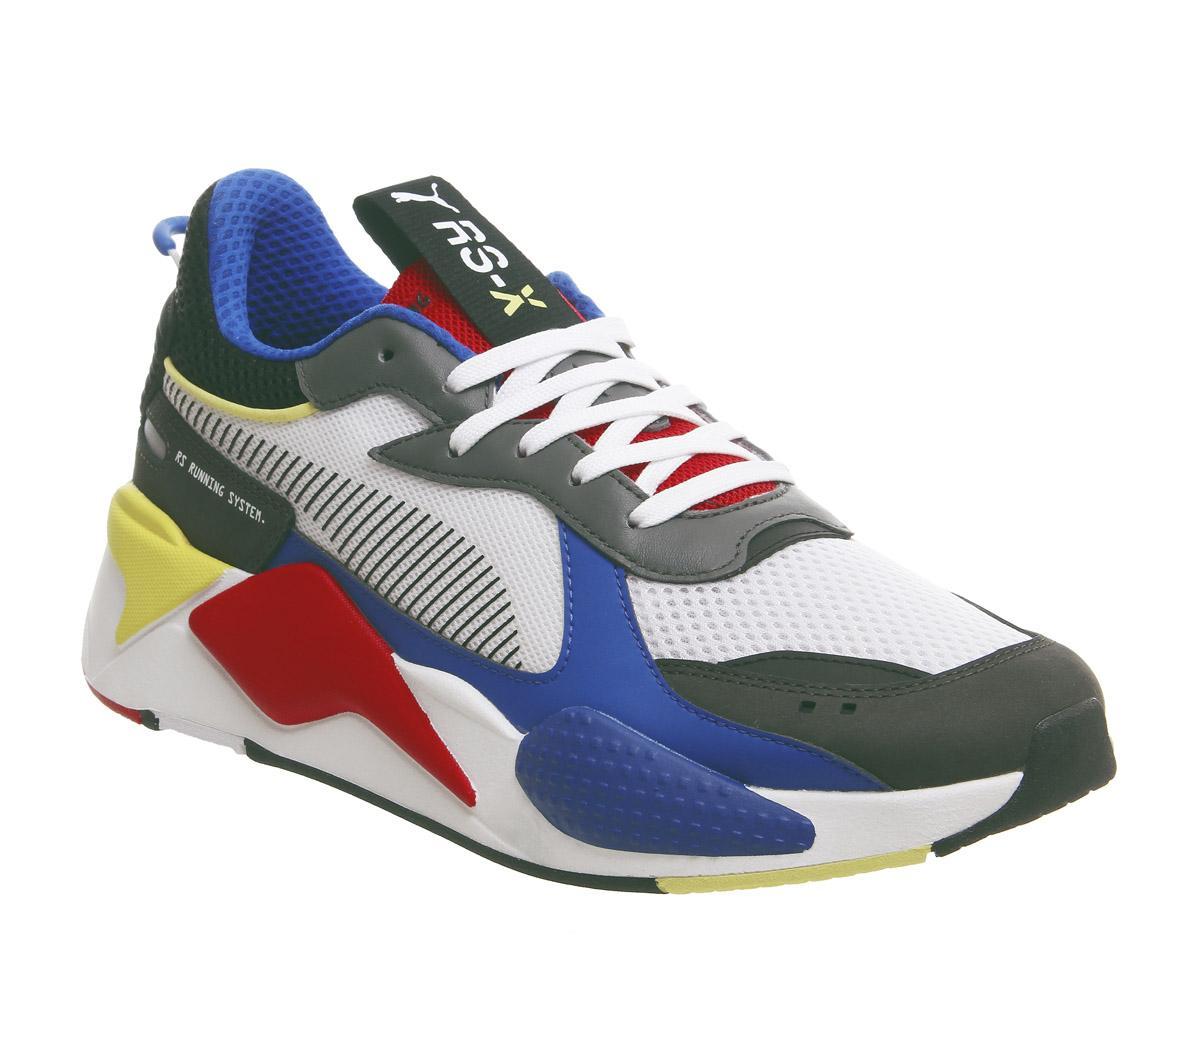 online Niedriger Verkaufspreis Heiß-Verkauf am neuesten Puma Rs-x Toys Trainers Puma White Royal High Risk Red - Sneaker ...